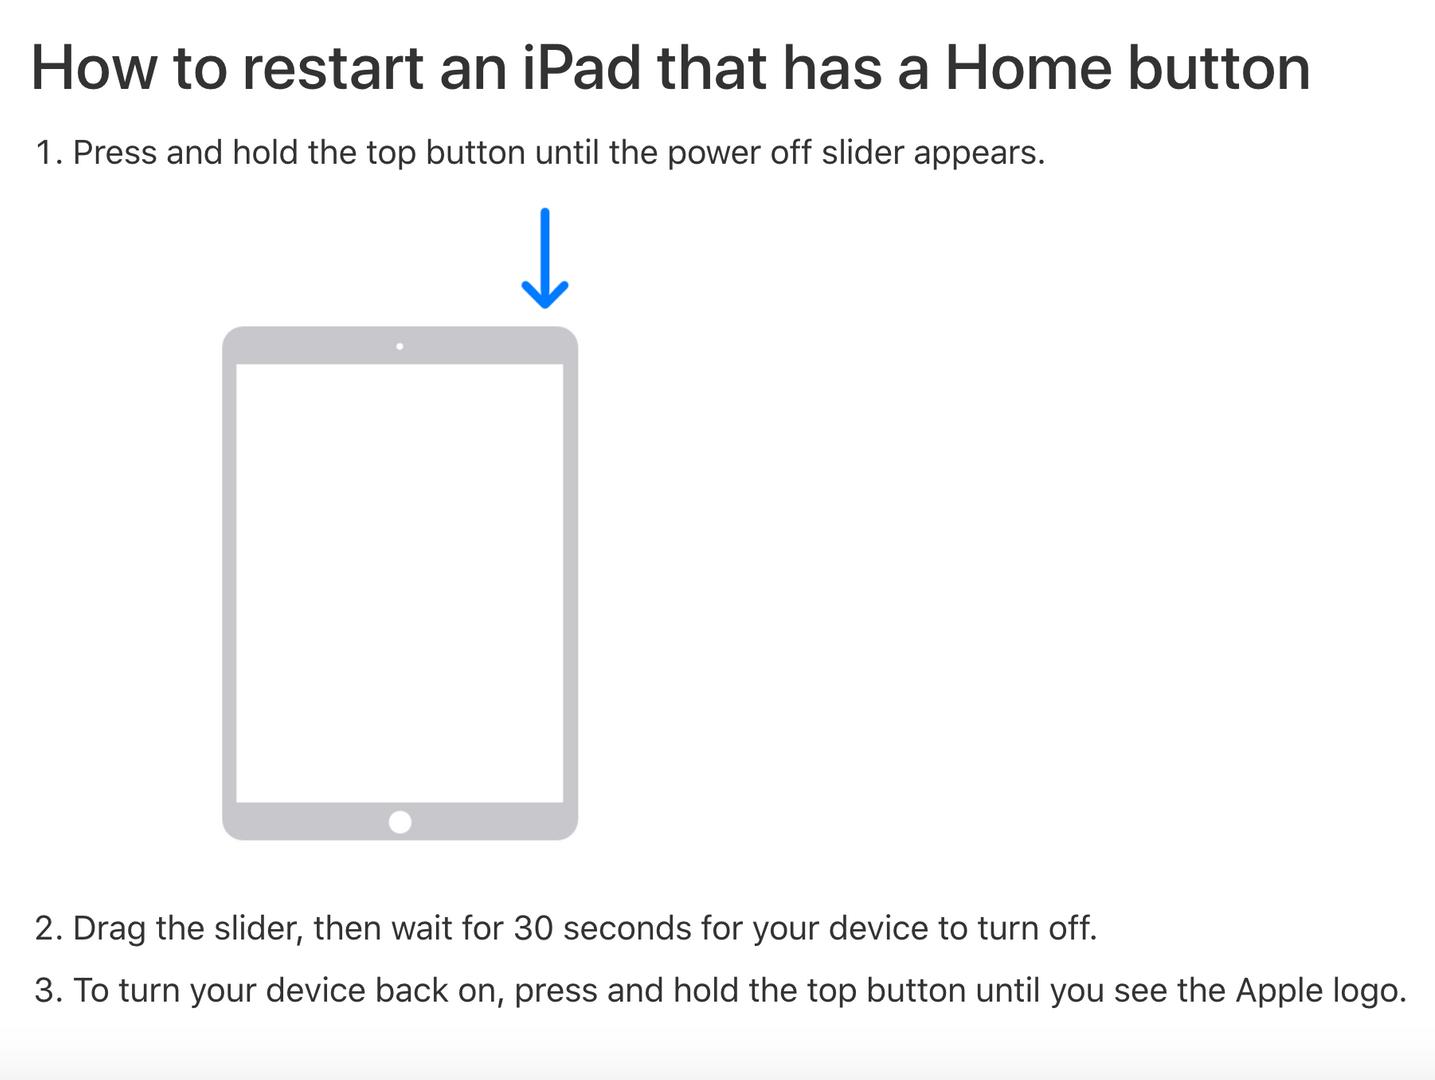 Steps to restart an iPad